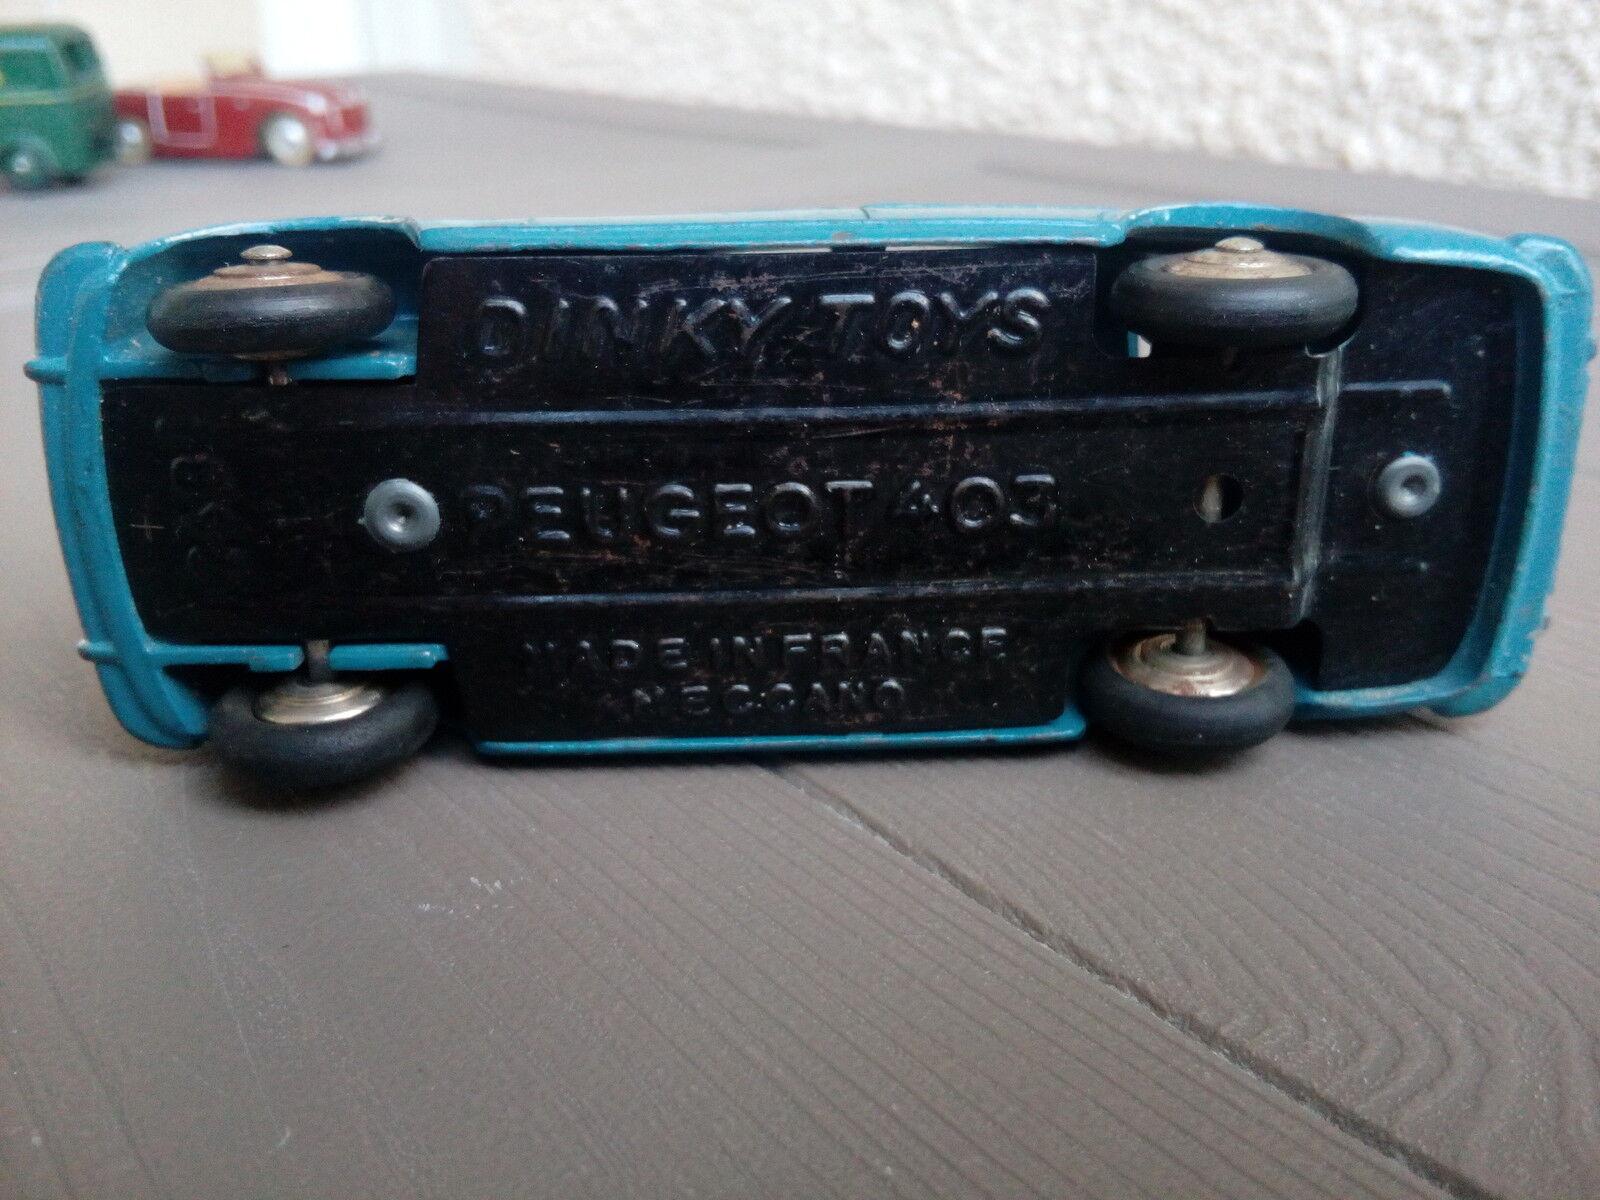 Avoir une maison, maison, maison, avoir de l'amour, as-tu Ancienne dinky toys peugeot 403 24B bon etat d origine ea3d2b